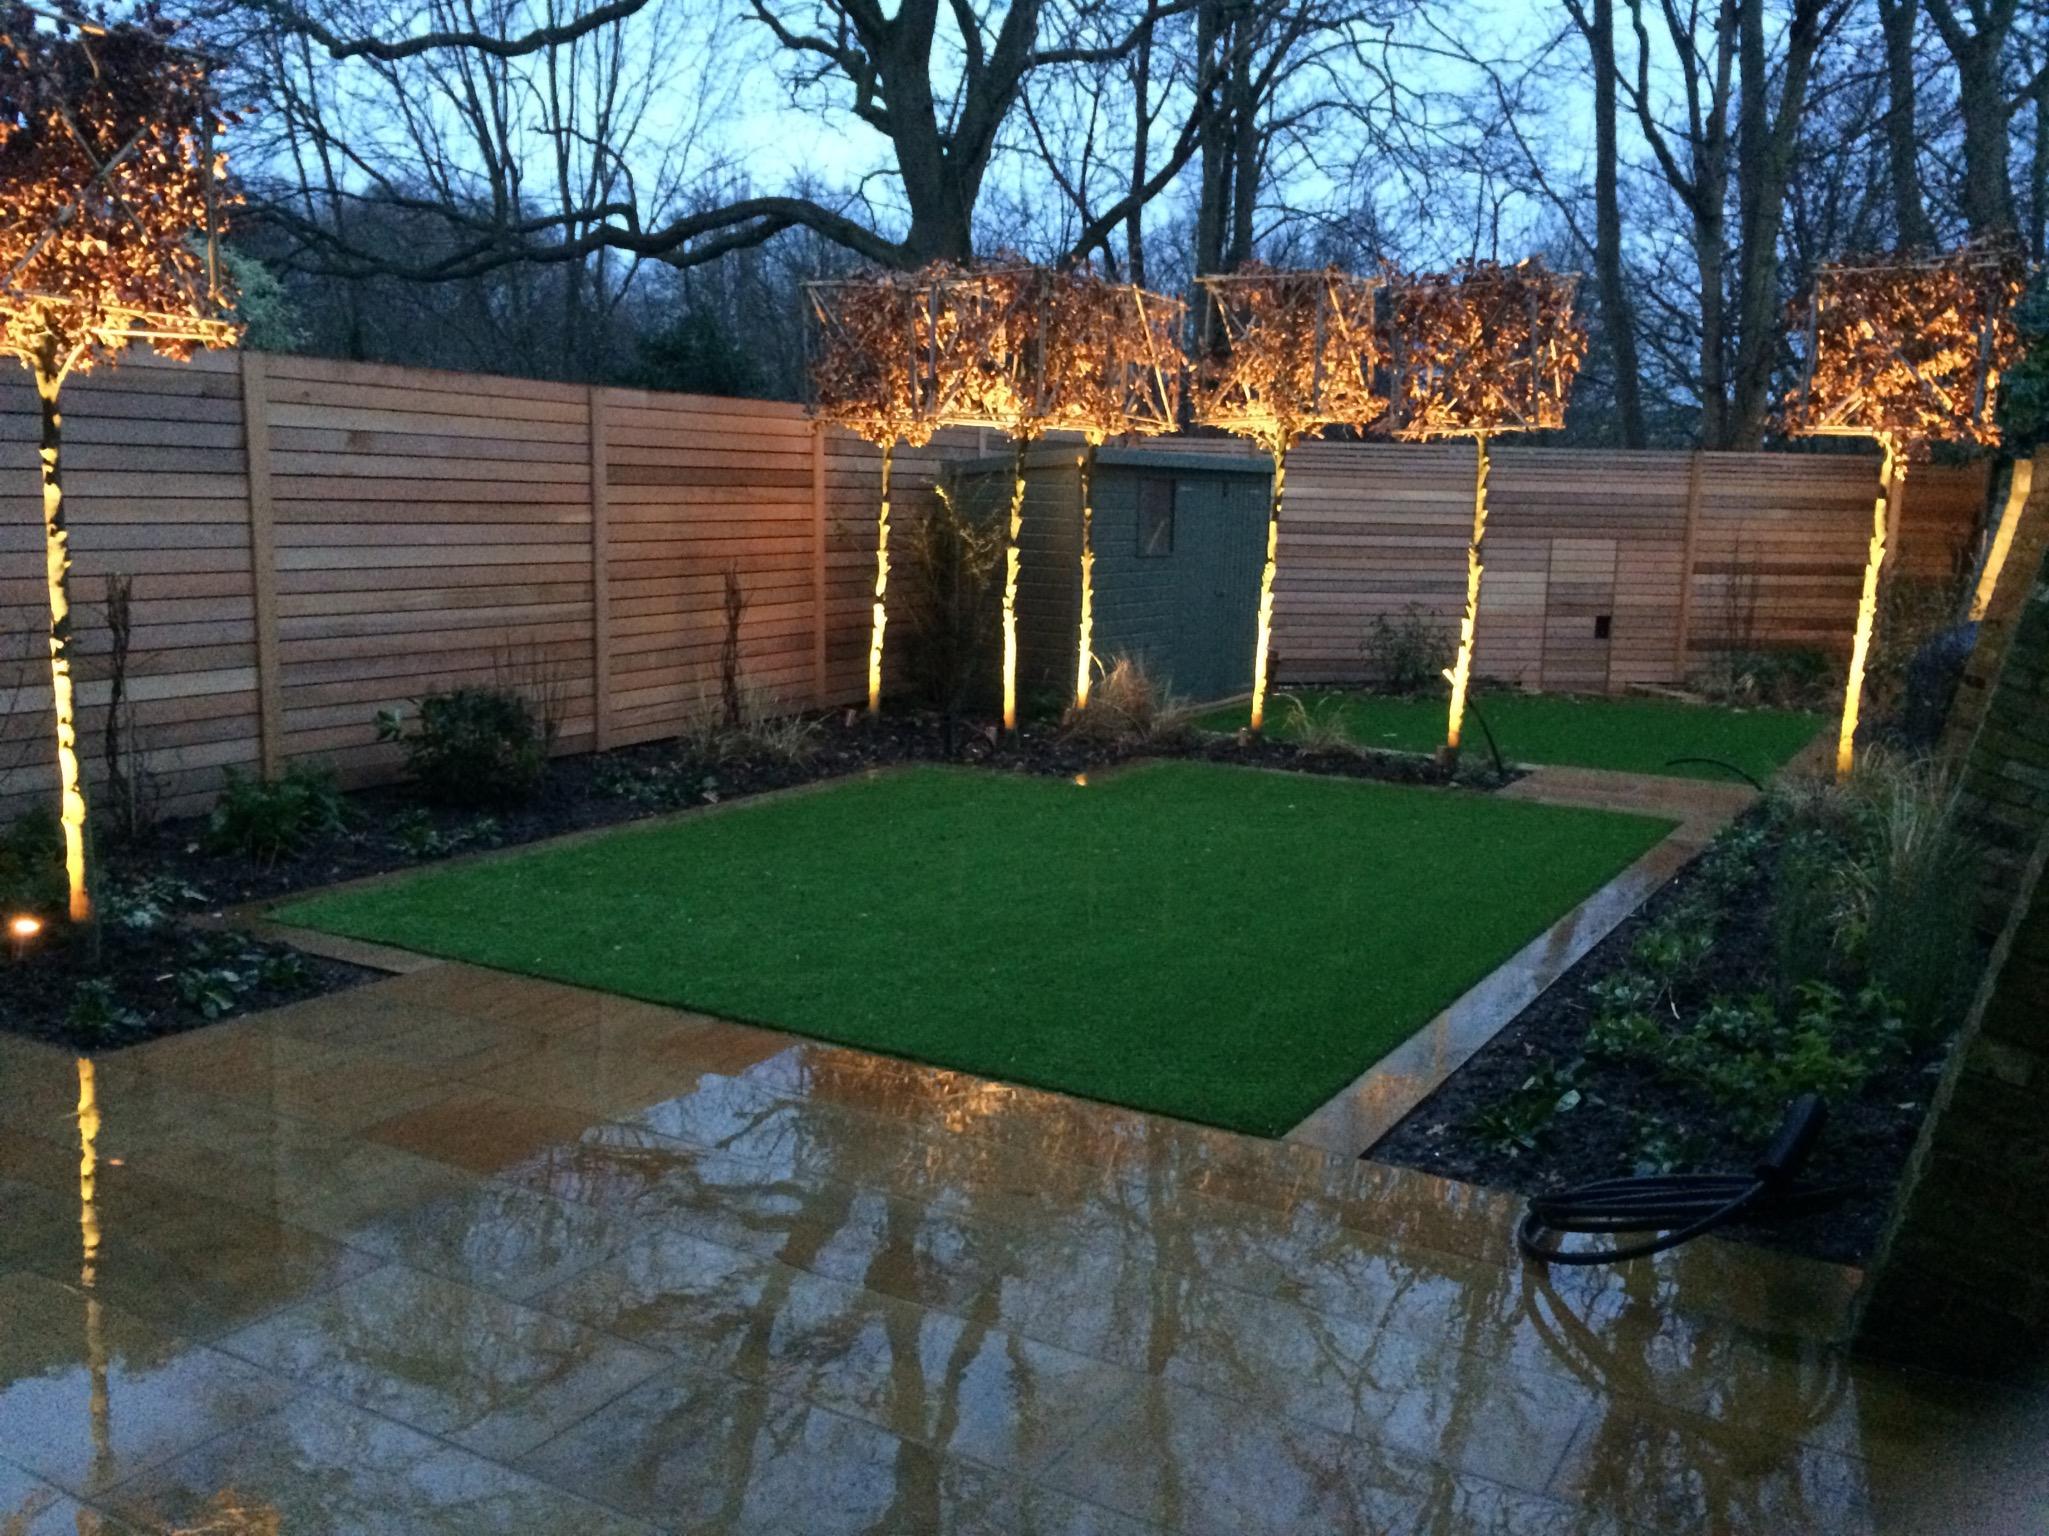 Barnes garden